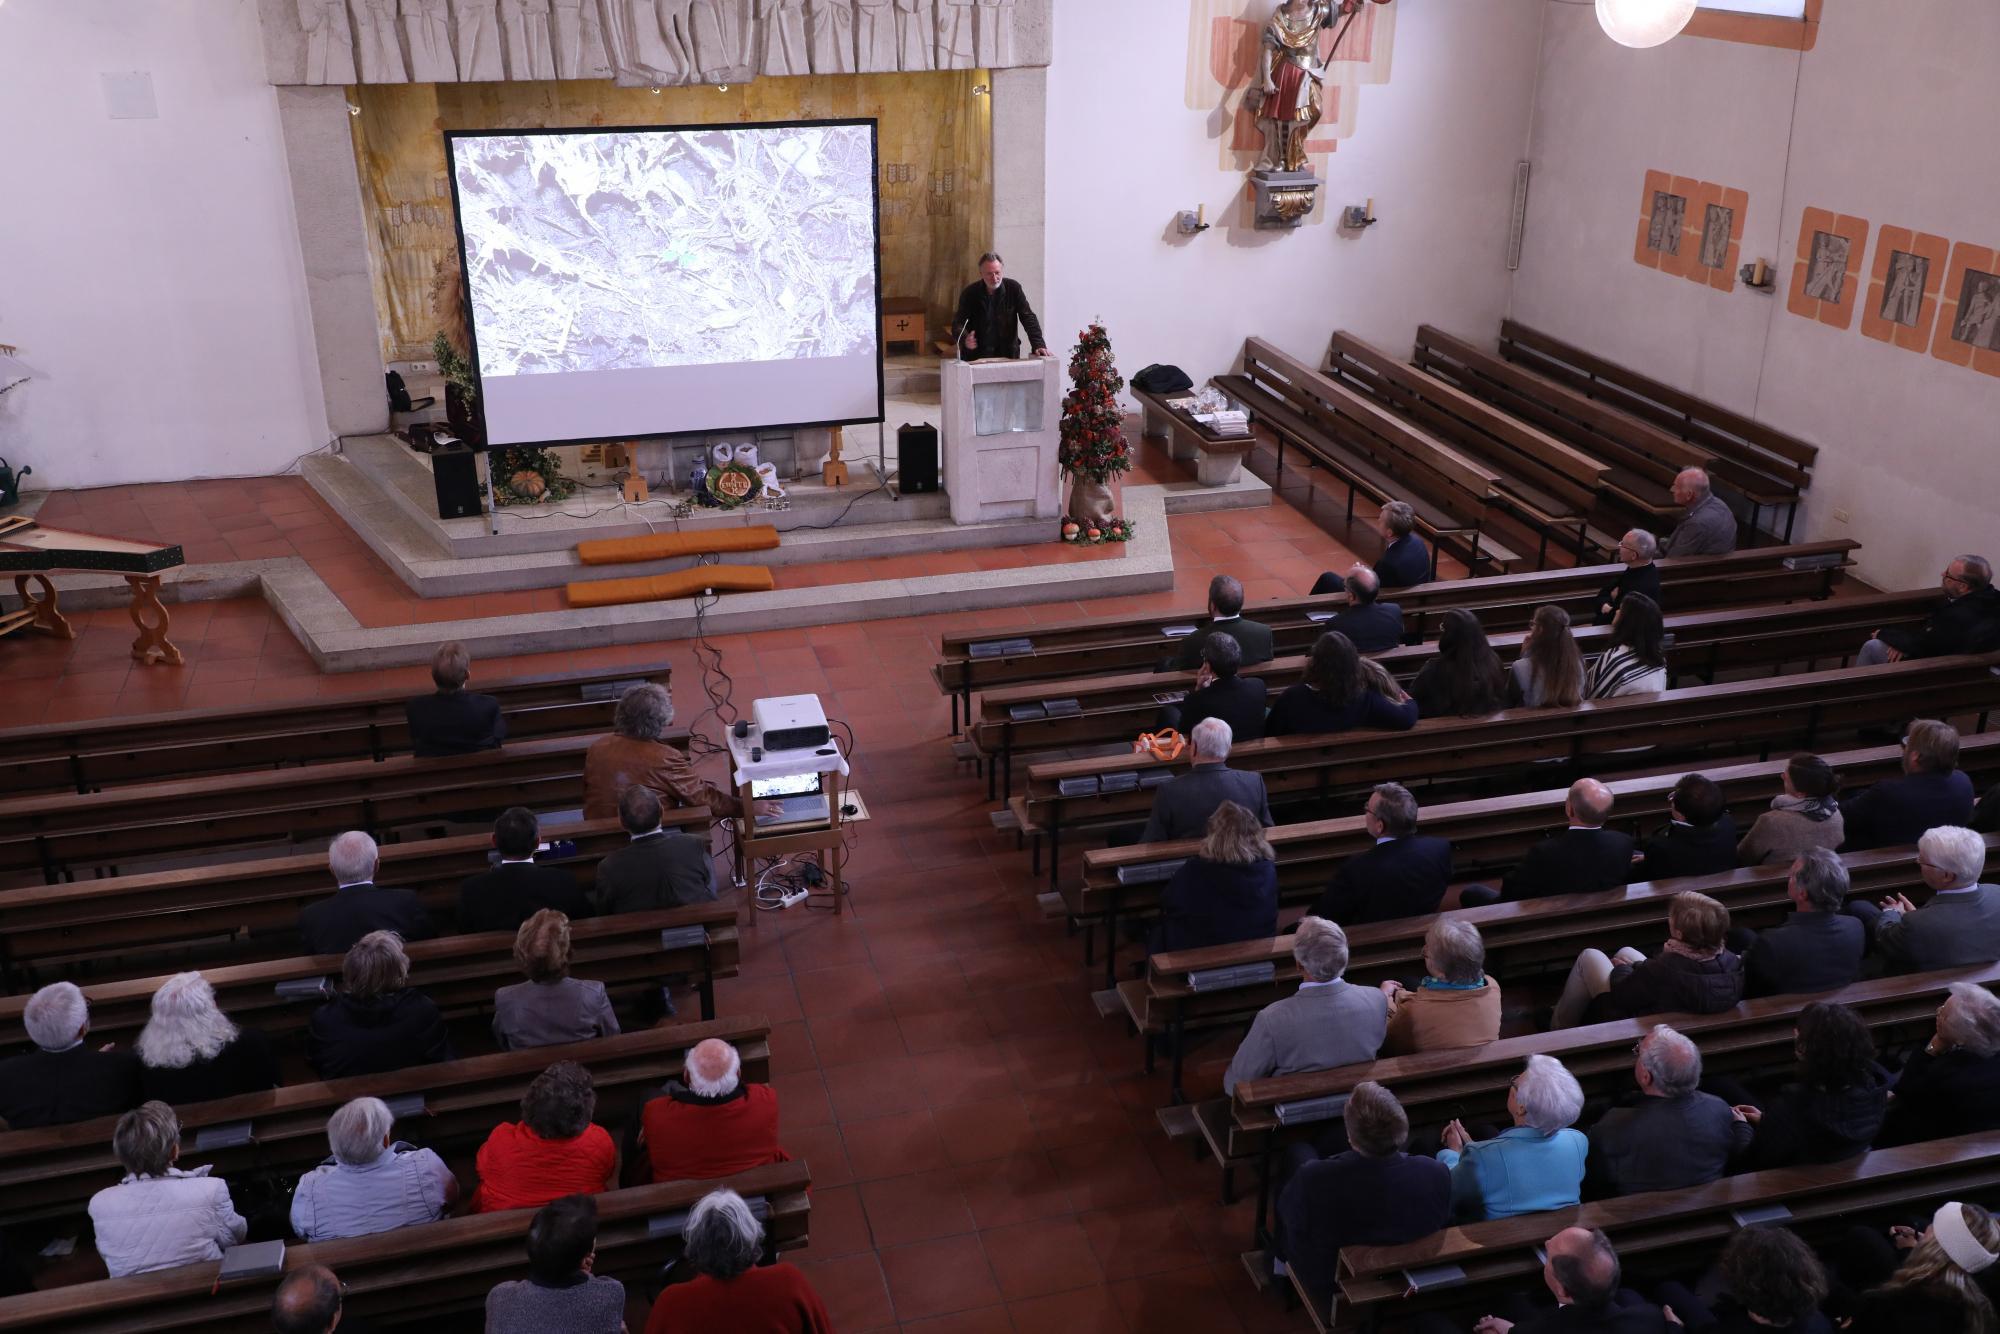 Kirche429A6651